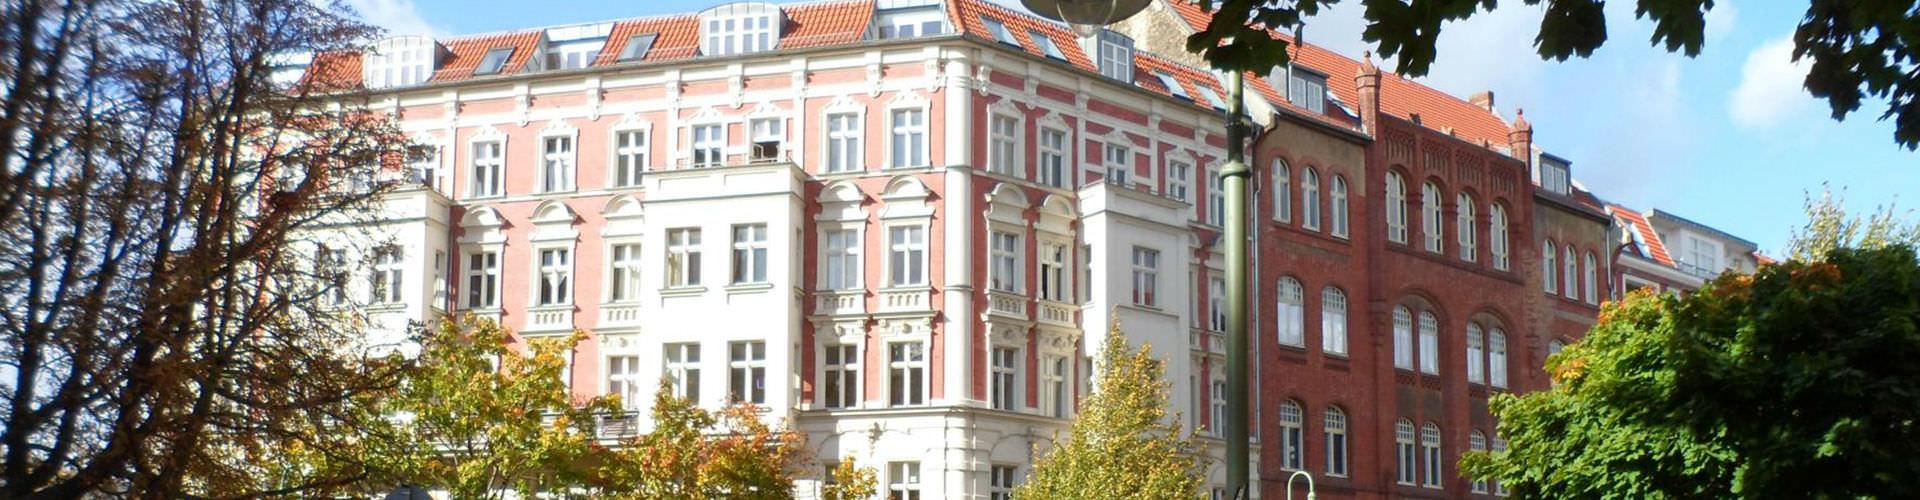 베를린 - Prenzlauer Berg지역에 위치한 호텔. 베를린의 지도, 베를린에 위치한 호텔에 대한 사진 및 리뷰.